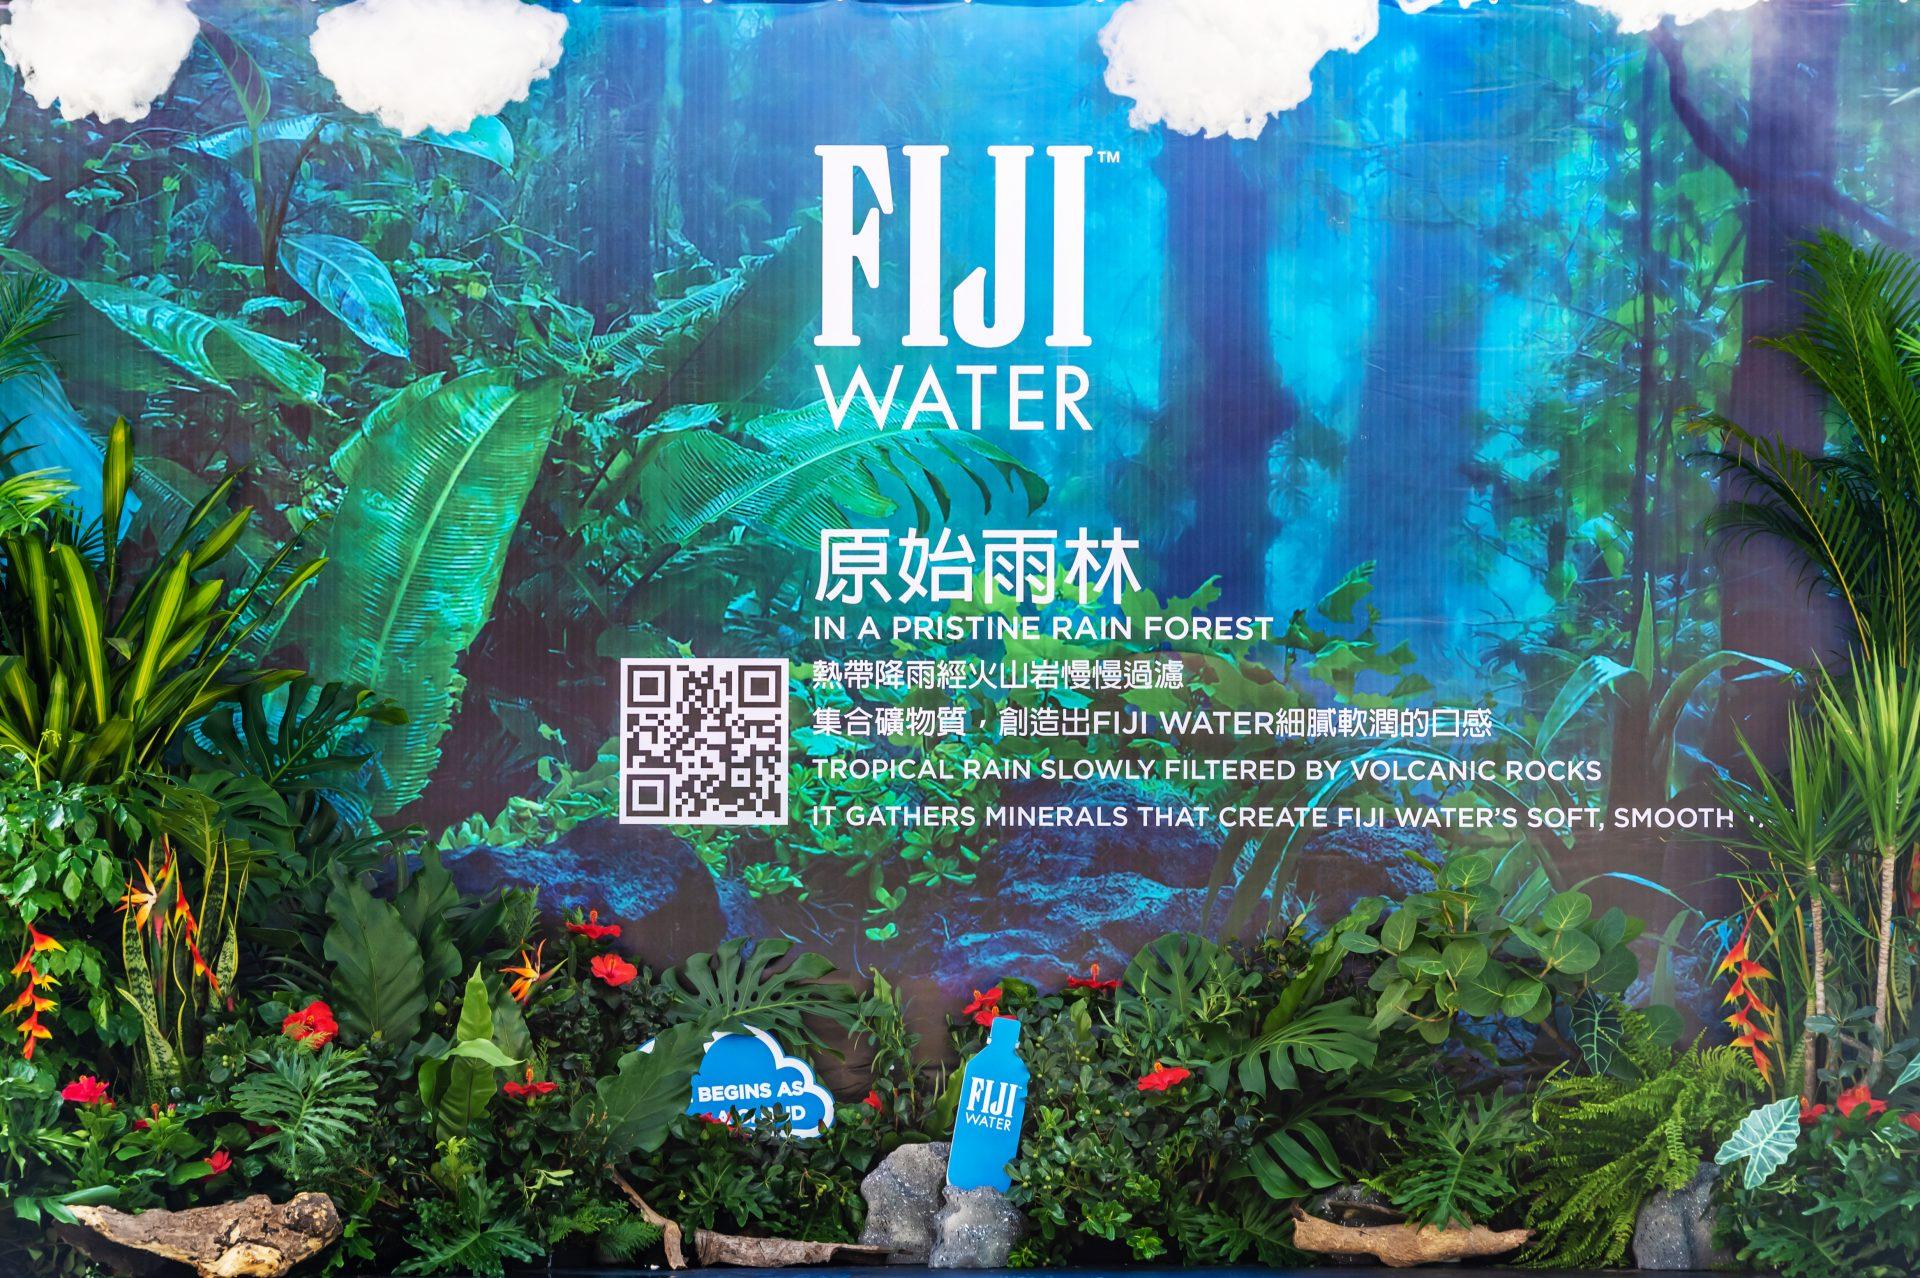 fuji水商業佈置